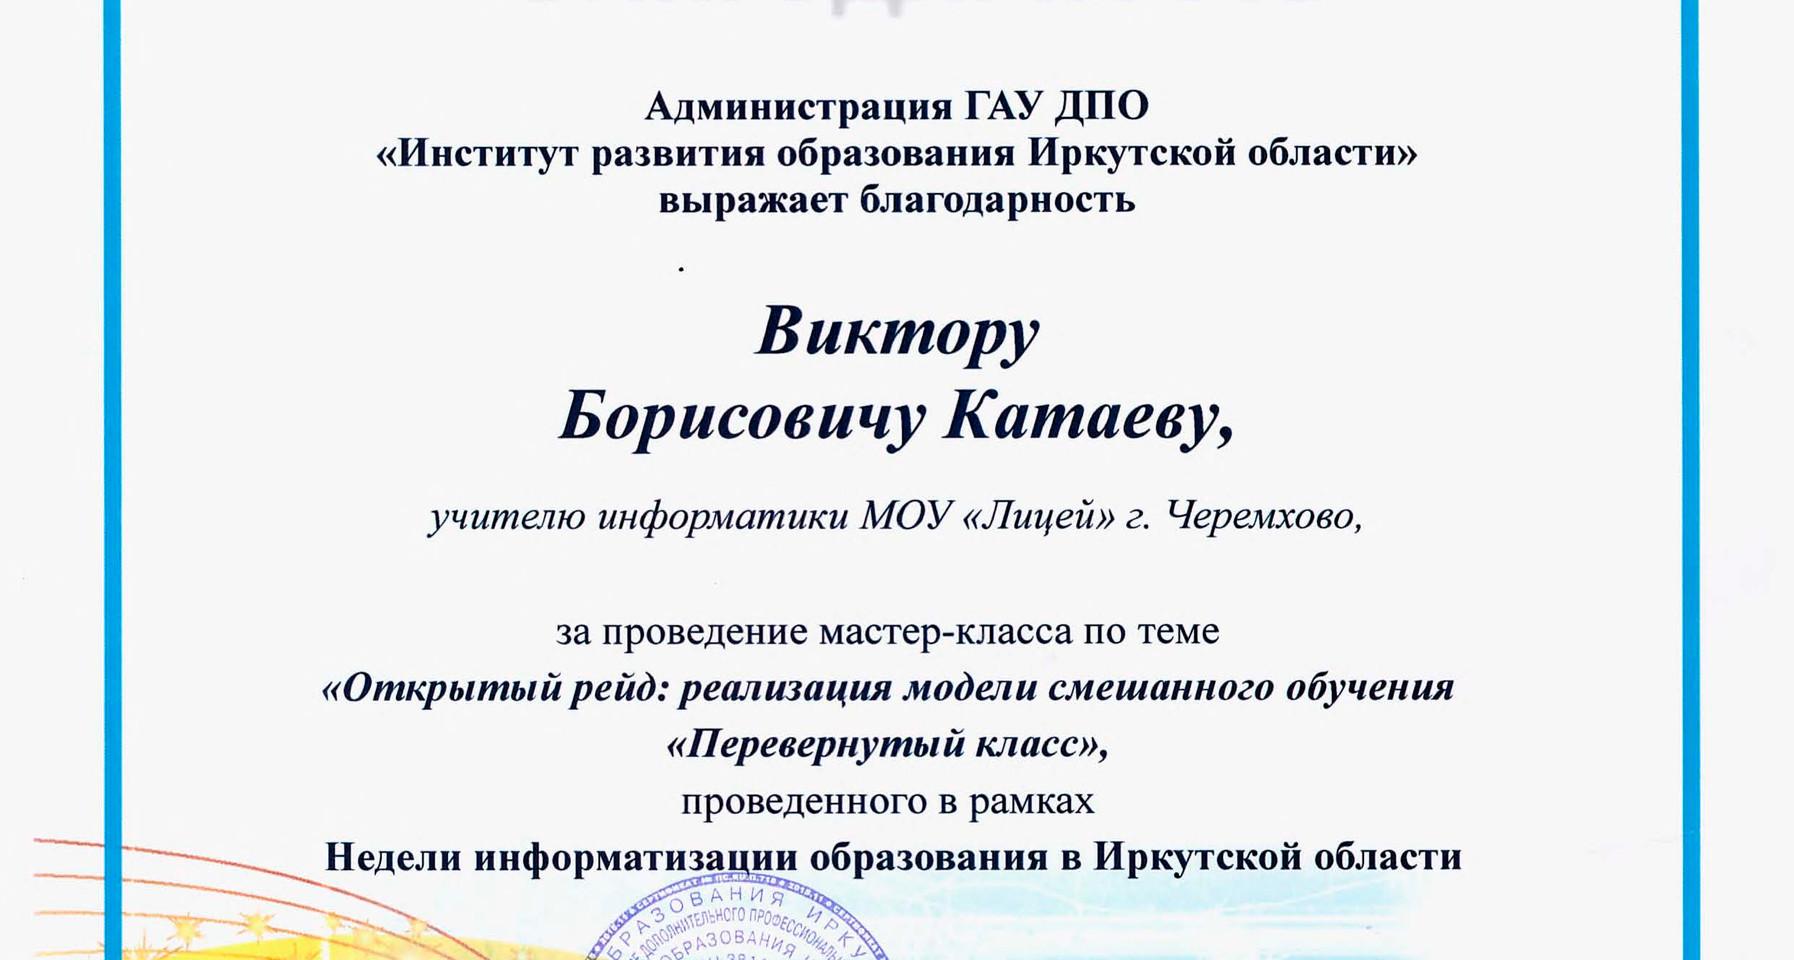 1Благ_Страница_01.jpg